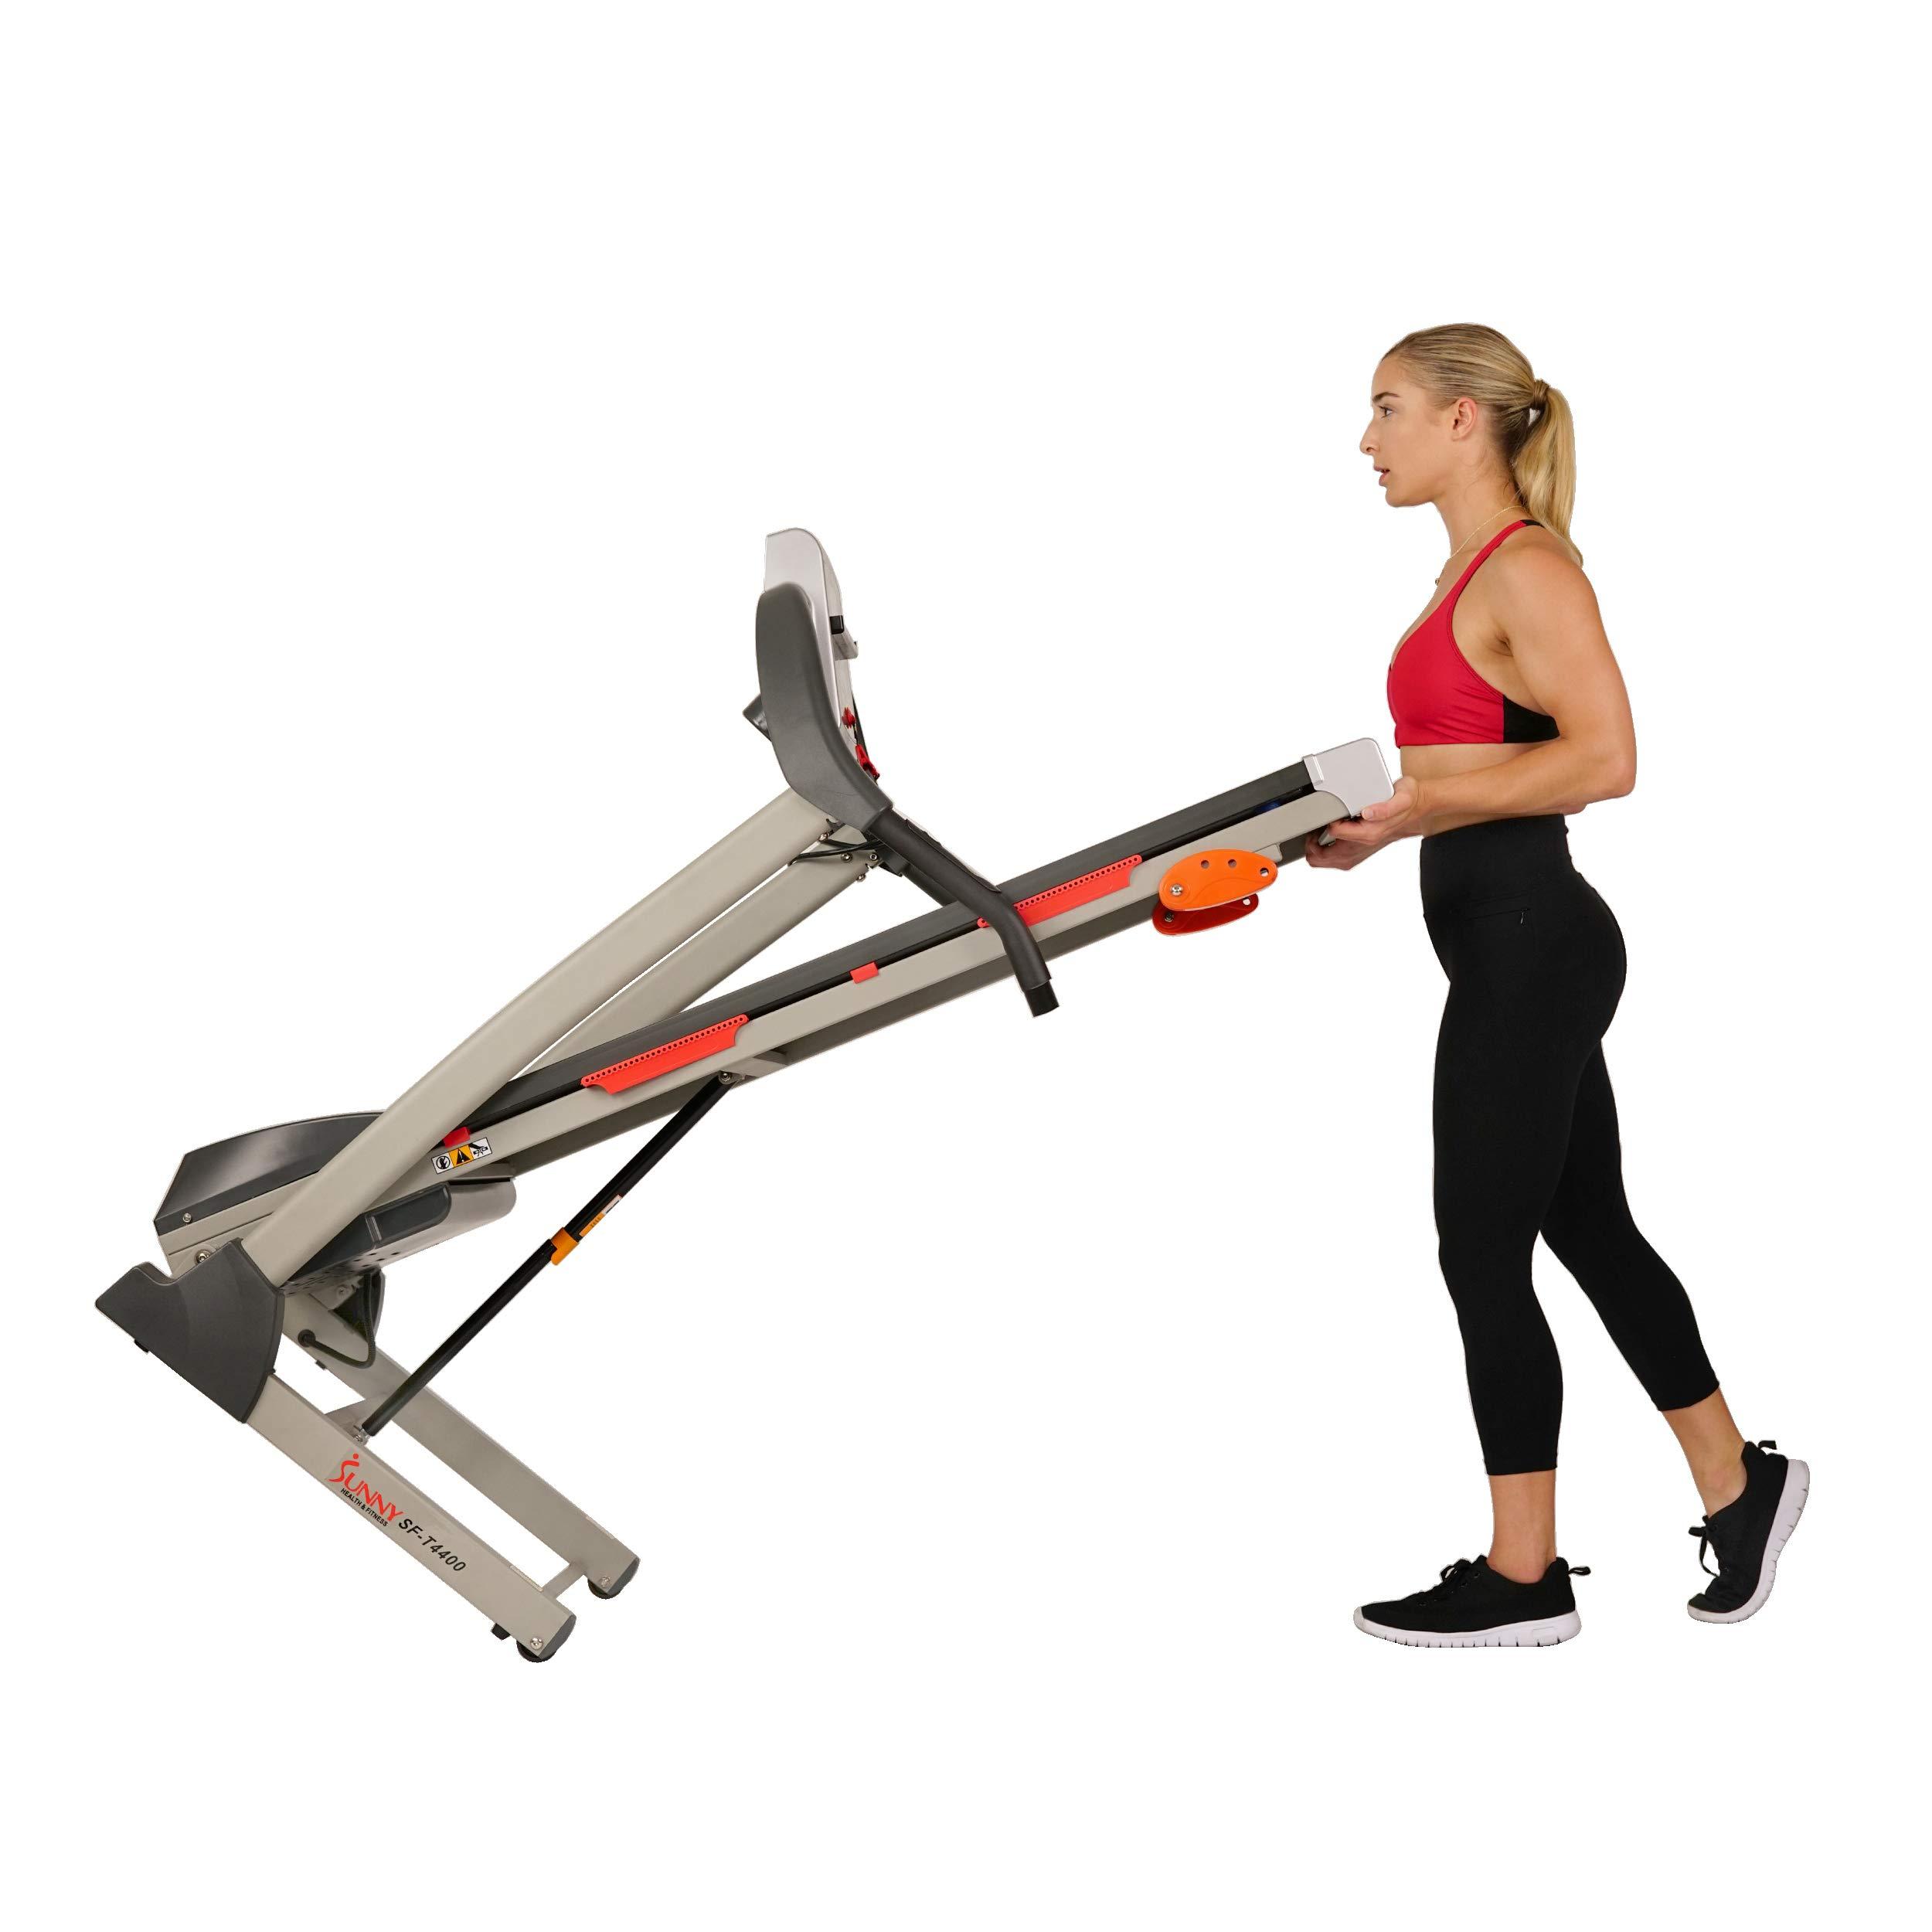 Sunny Health & Fitness Treadmill Folding Motorized Running Machine by Sunny Health & Fitness (Image #8)